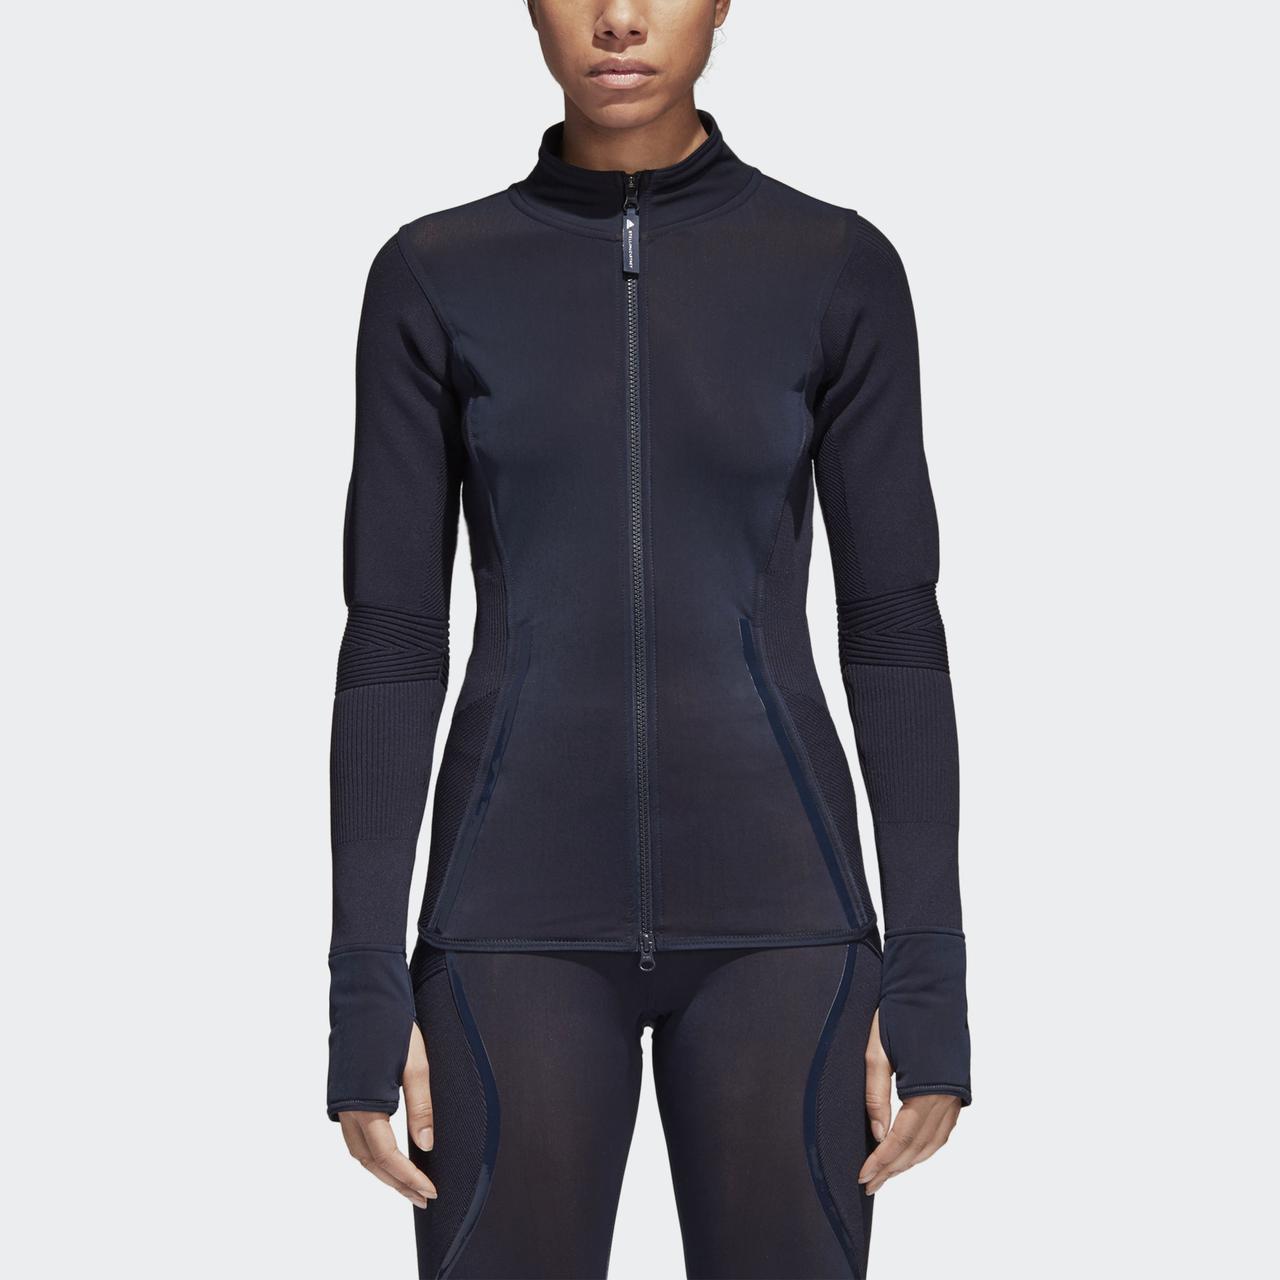 Куртка для бега Knit Mix Mid-Layer, фото 1